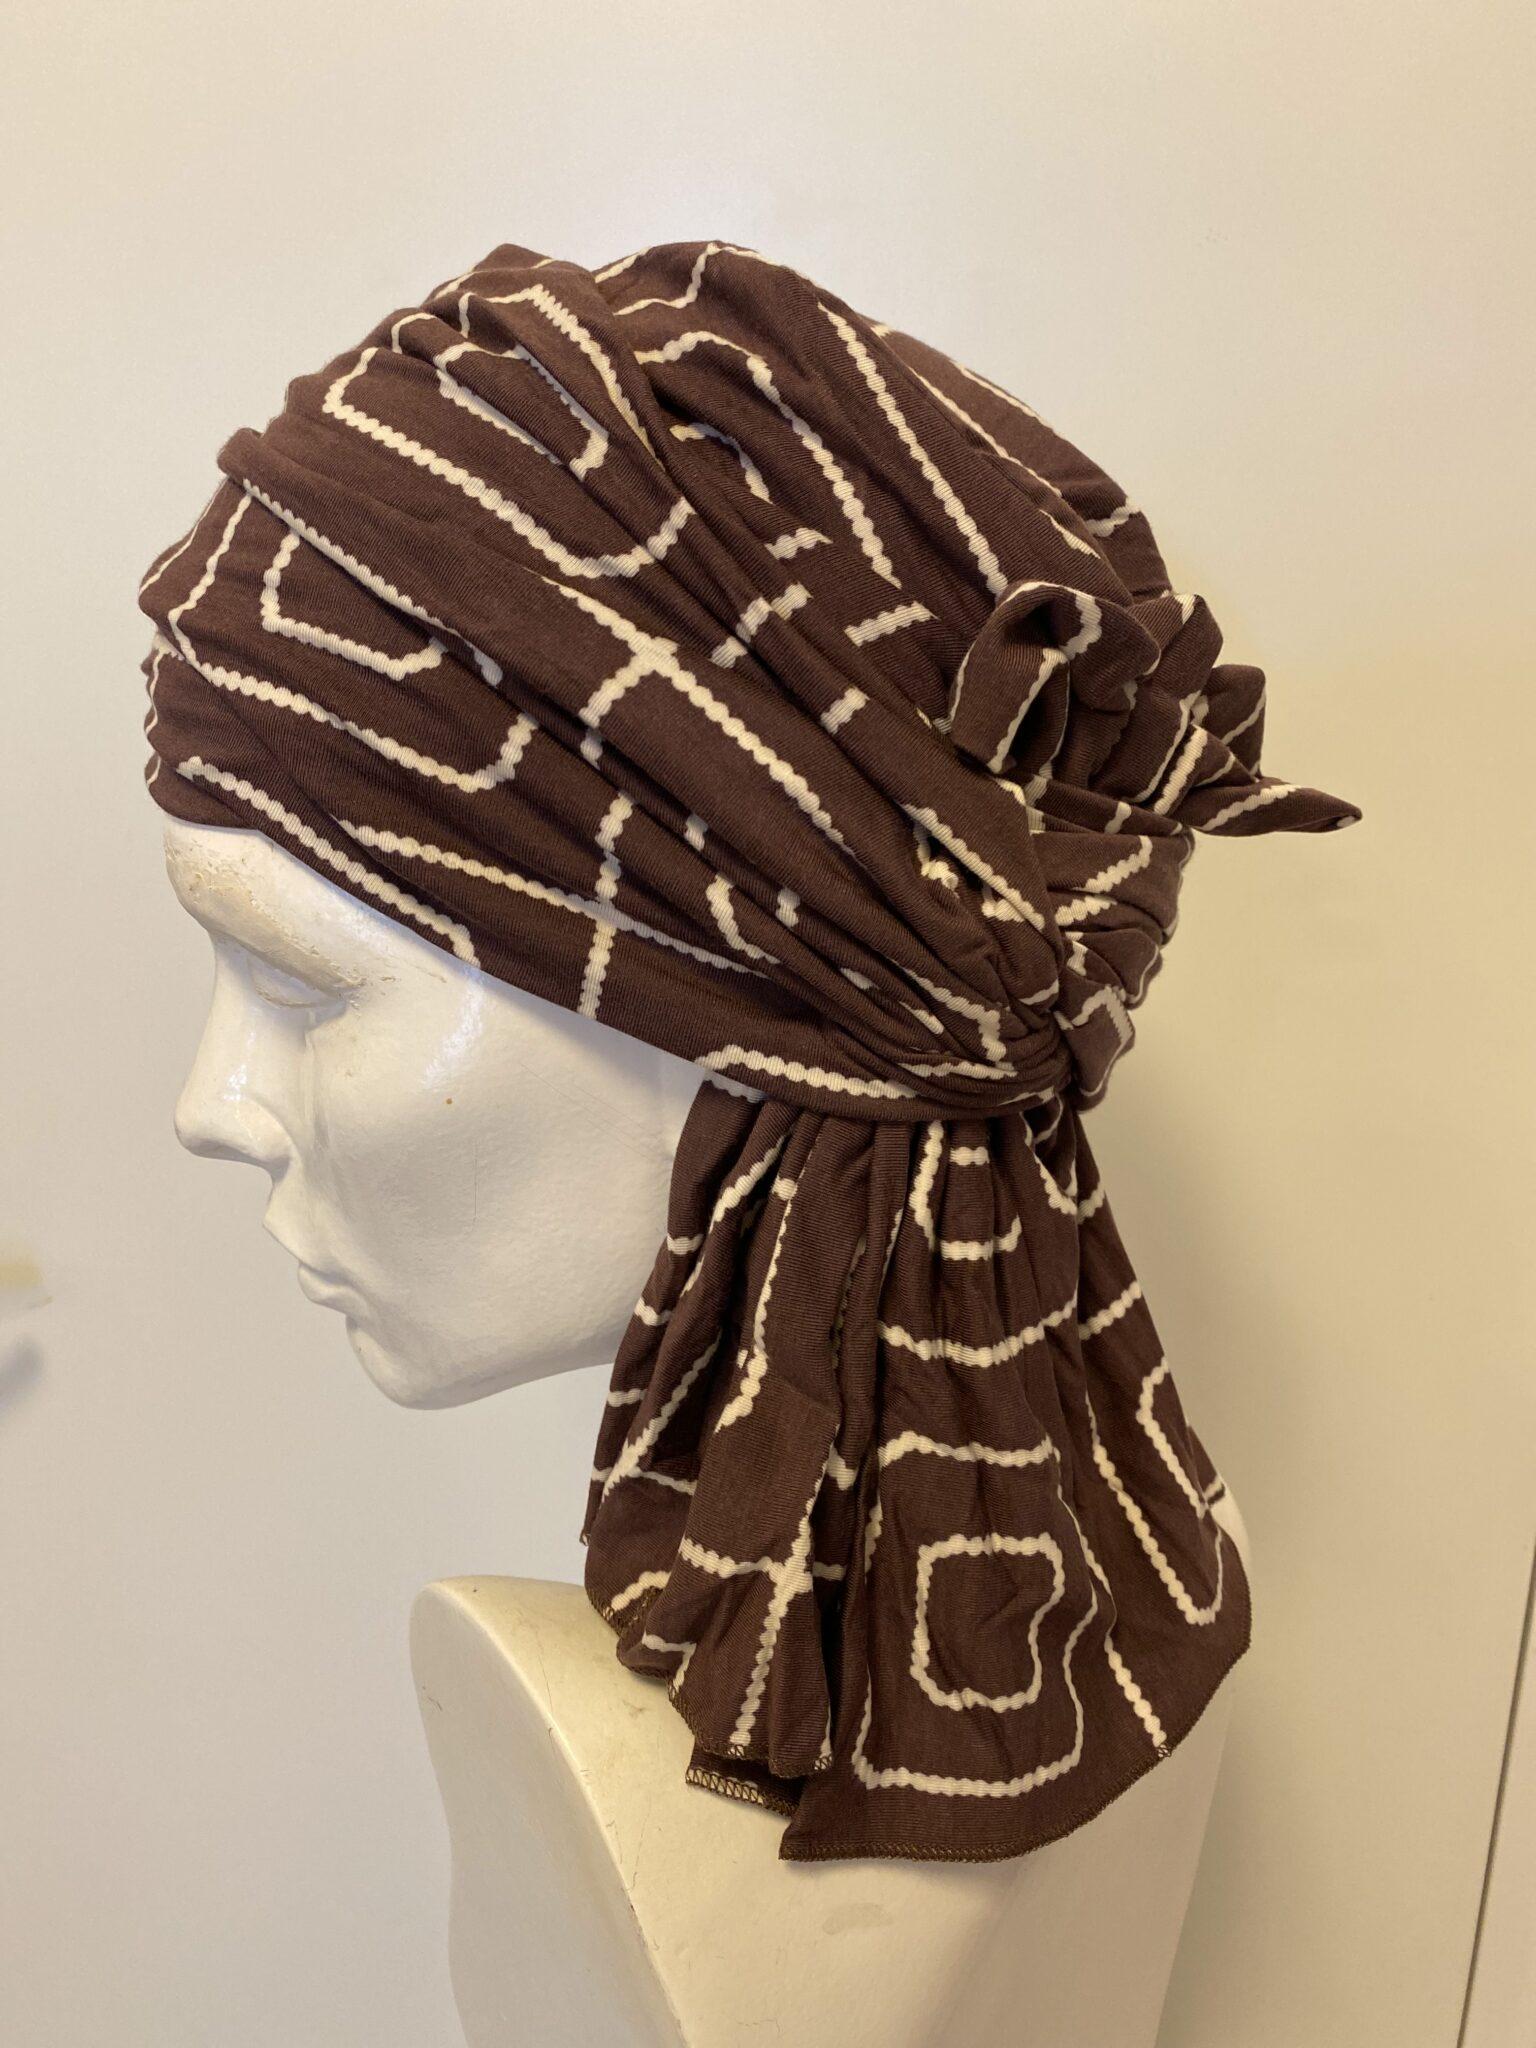 Tørklæde i brune og hvide farver